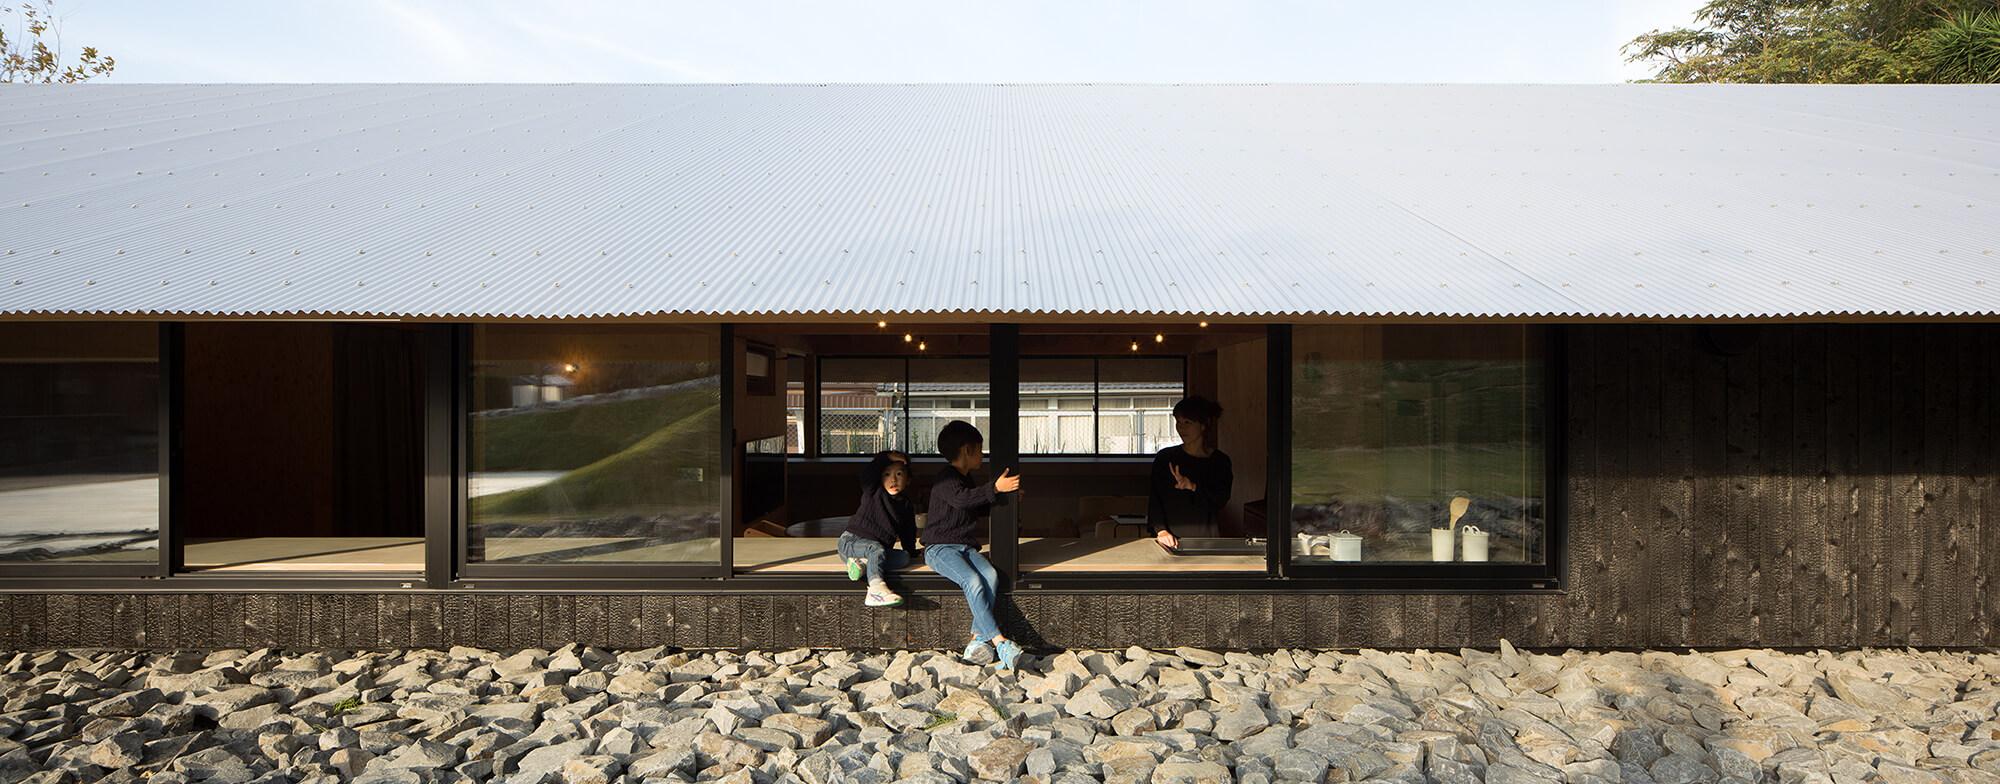 『大屋根の棲家』-長崎県佐世保市-建築写真・竣工写真・インテリア写真5